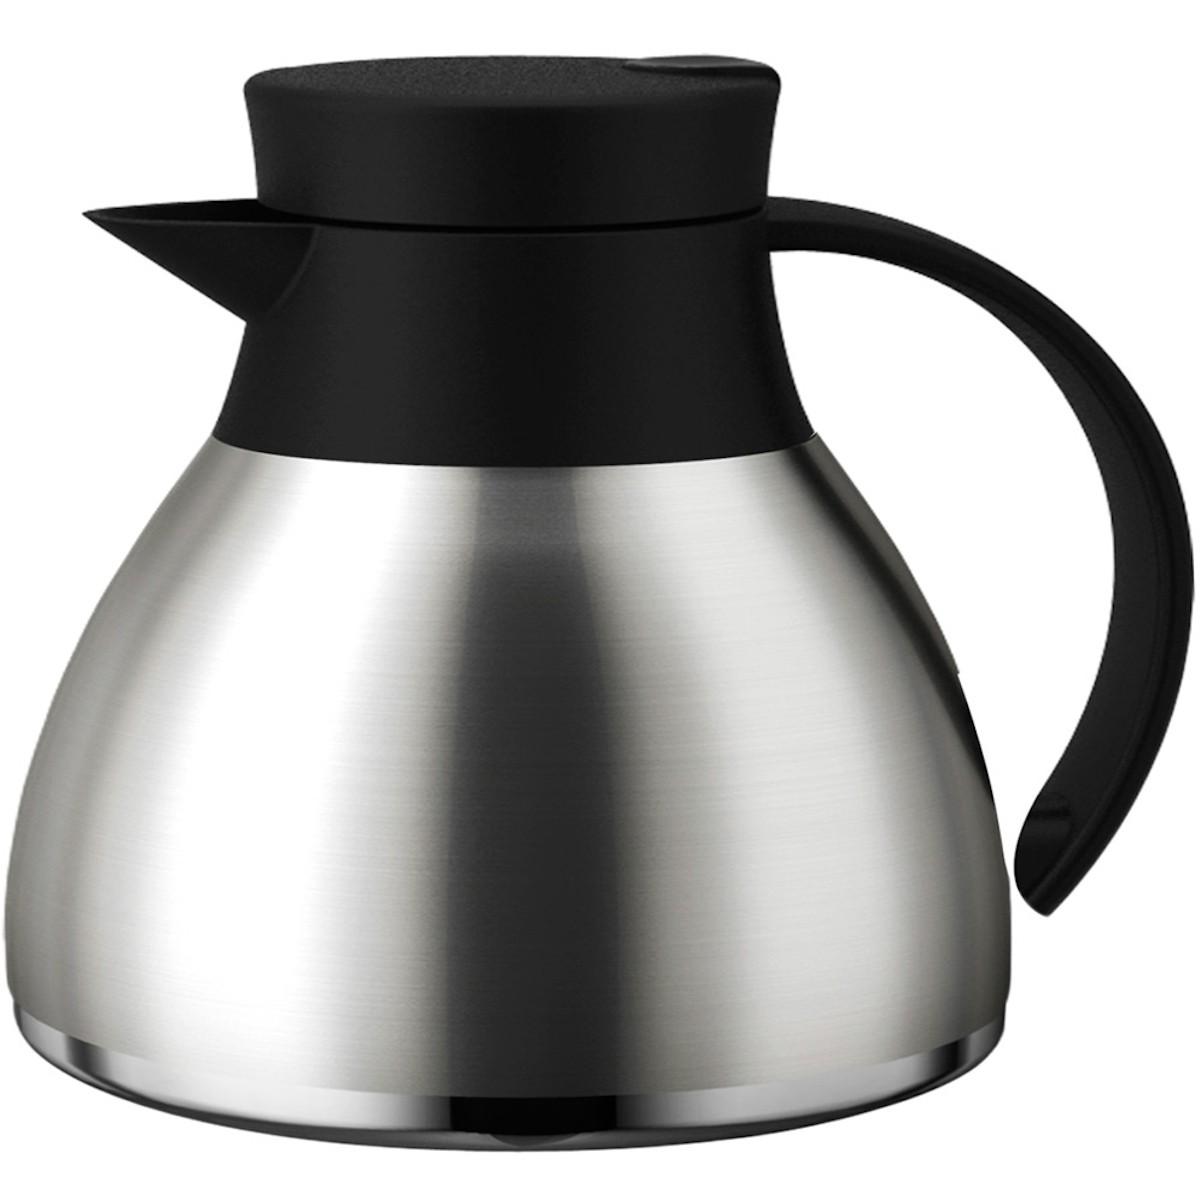 Garrafa Térmica de Café Leite Chá em Aço Inox Dalia 1L TP6518 - Termopro